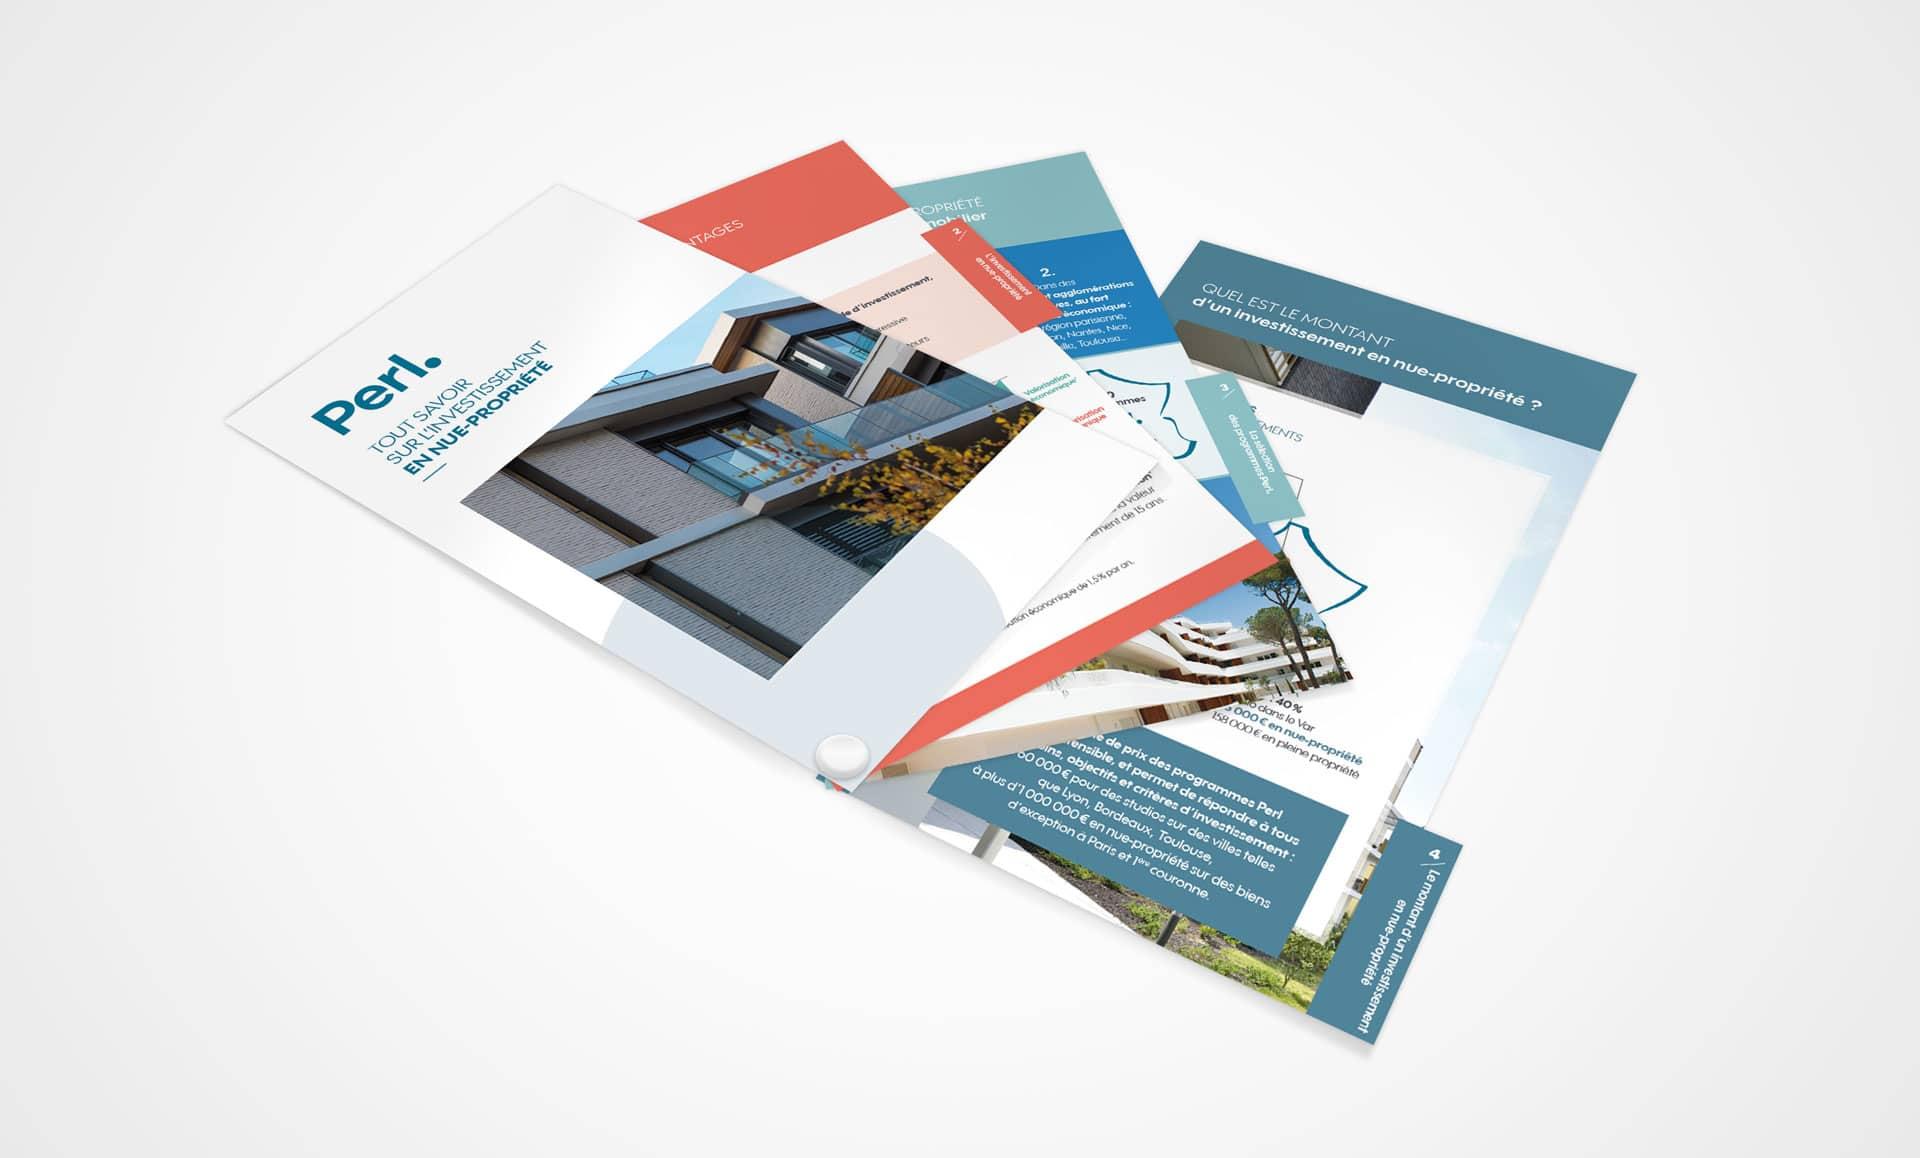 Pantonier et kit commercial pour le programme immobilier Perl, réalisé par l'agence de communication et marketing Siouxe, à Paris.